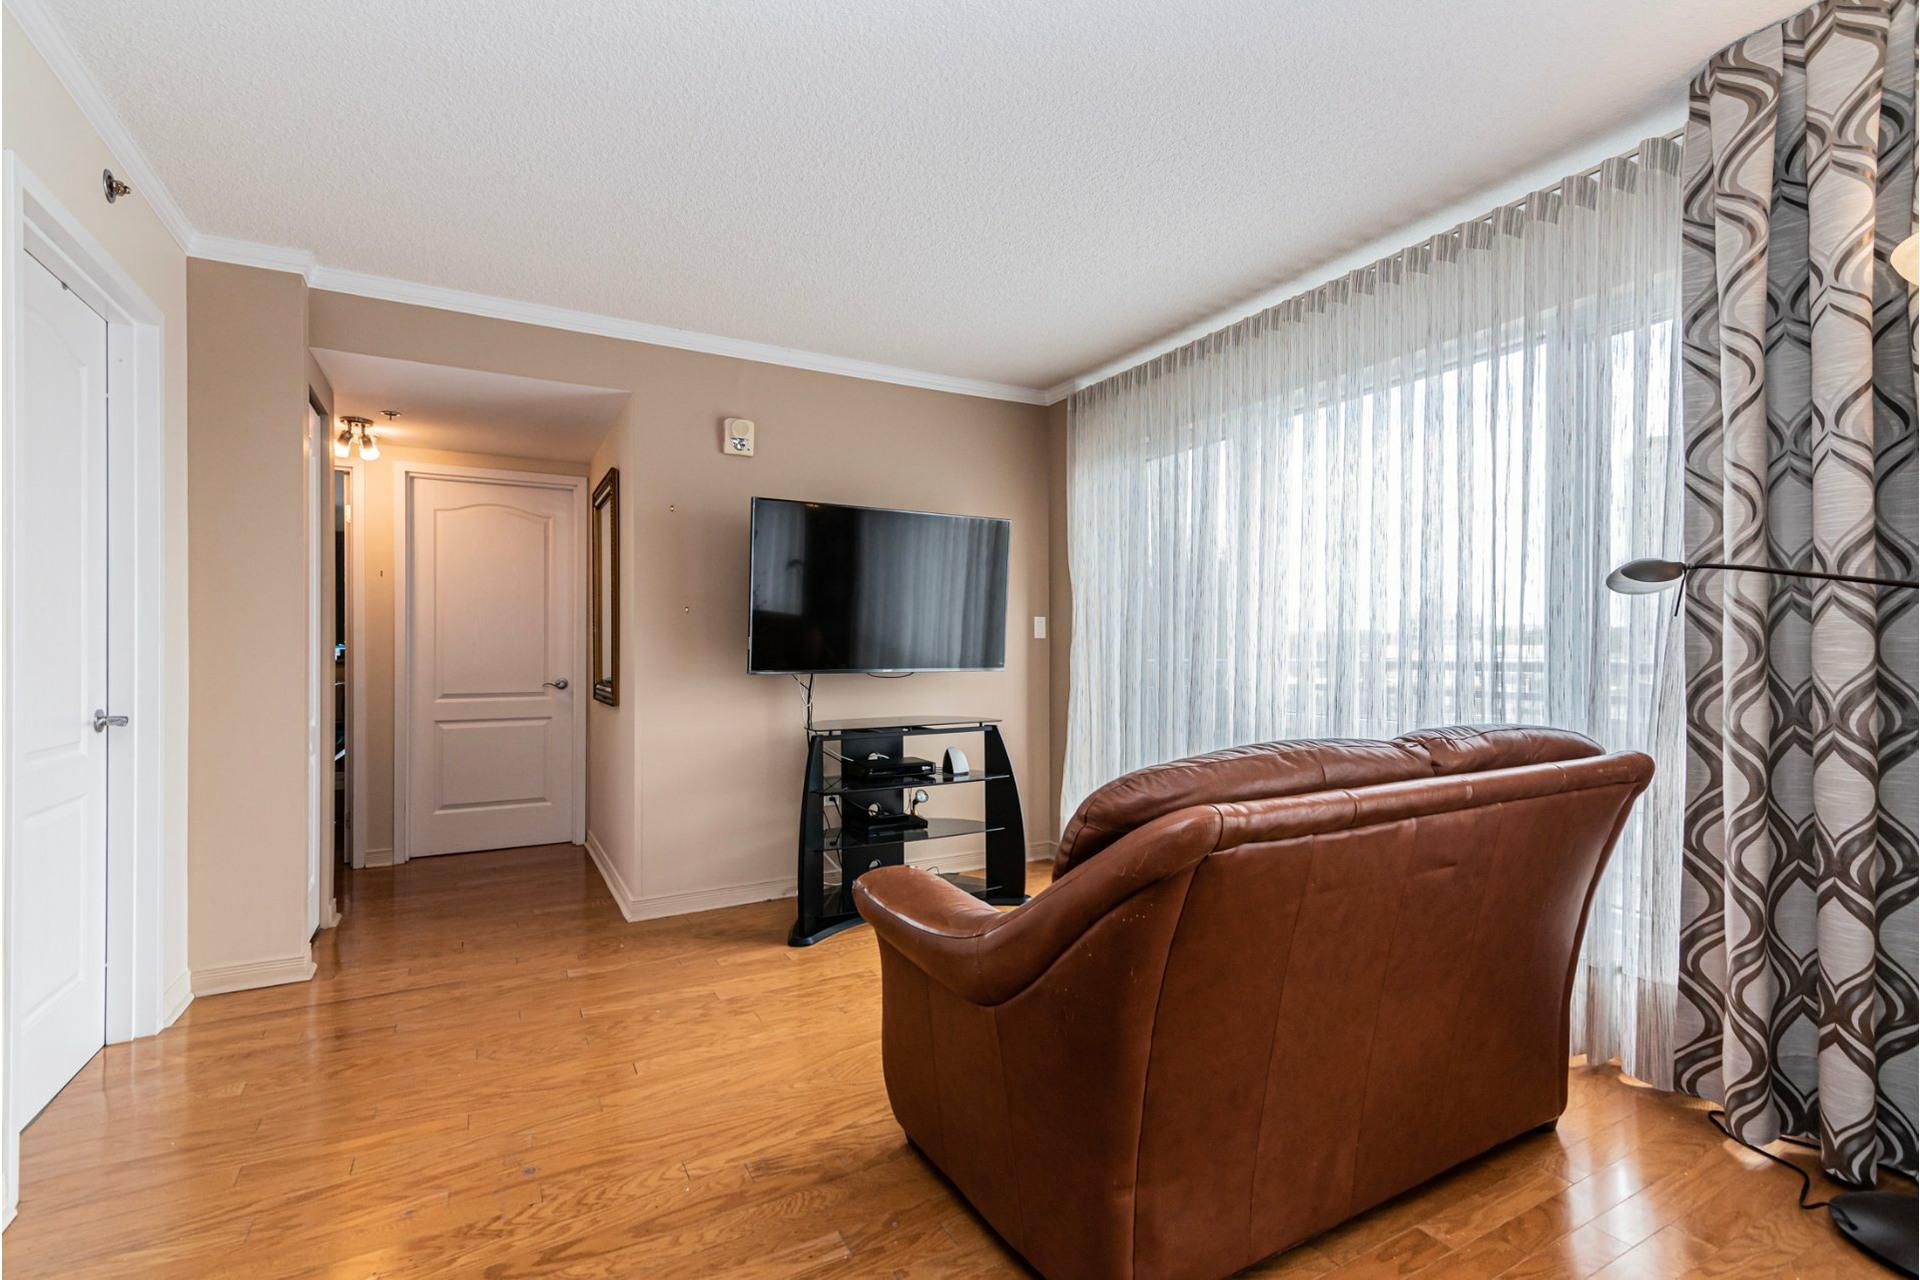 image 13 - Apartment For sale Lachine Montréal  - 7 rooms